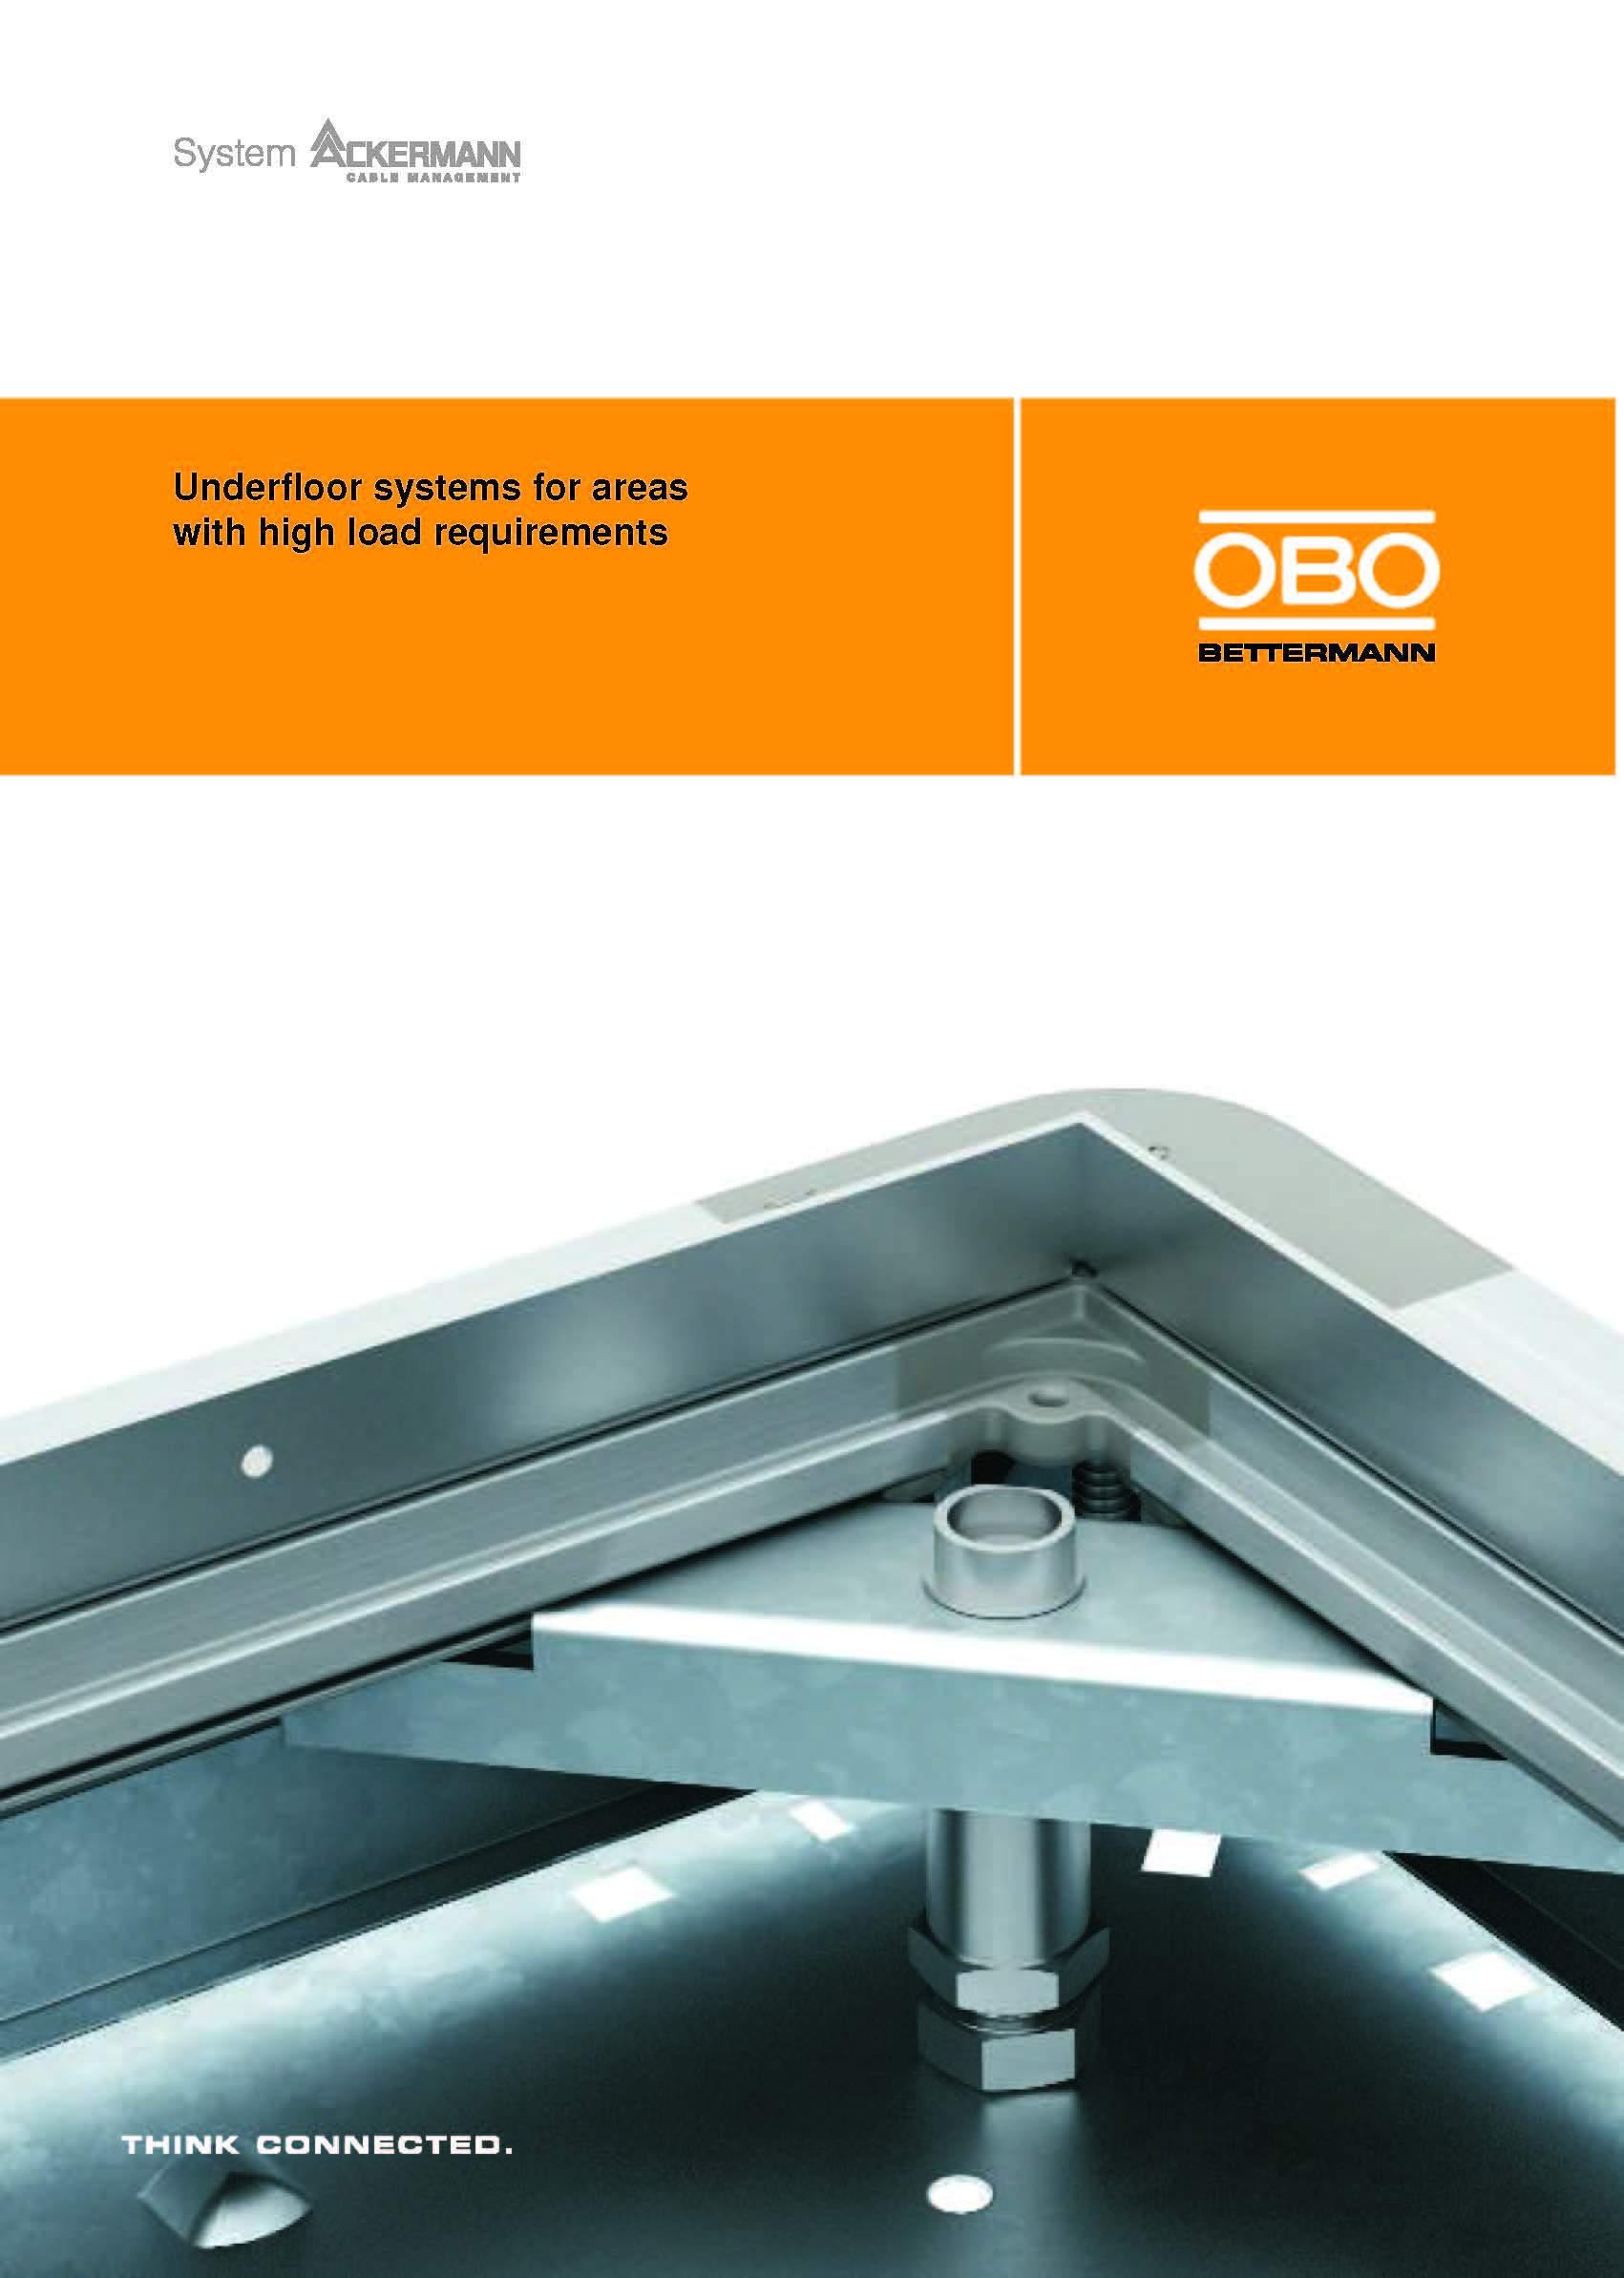 Sistemas de cajas de piso para altos requerimientos